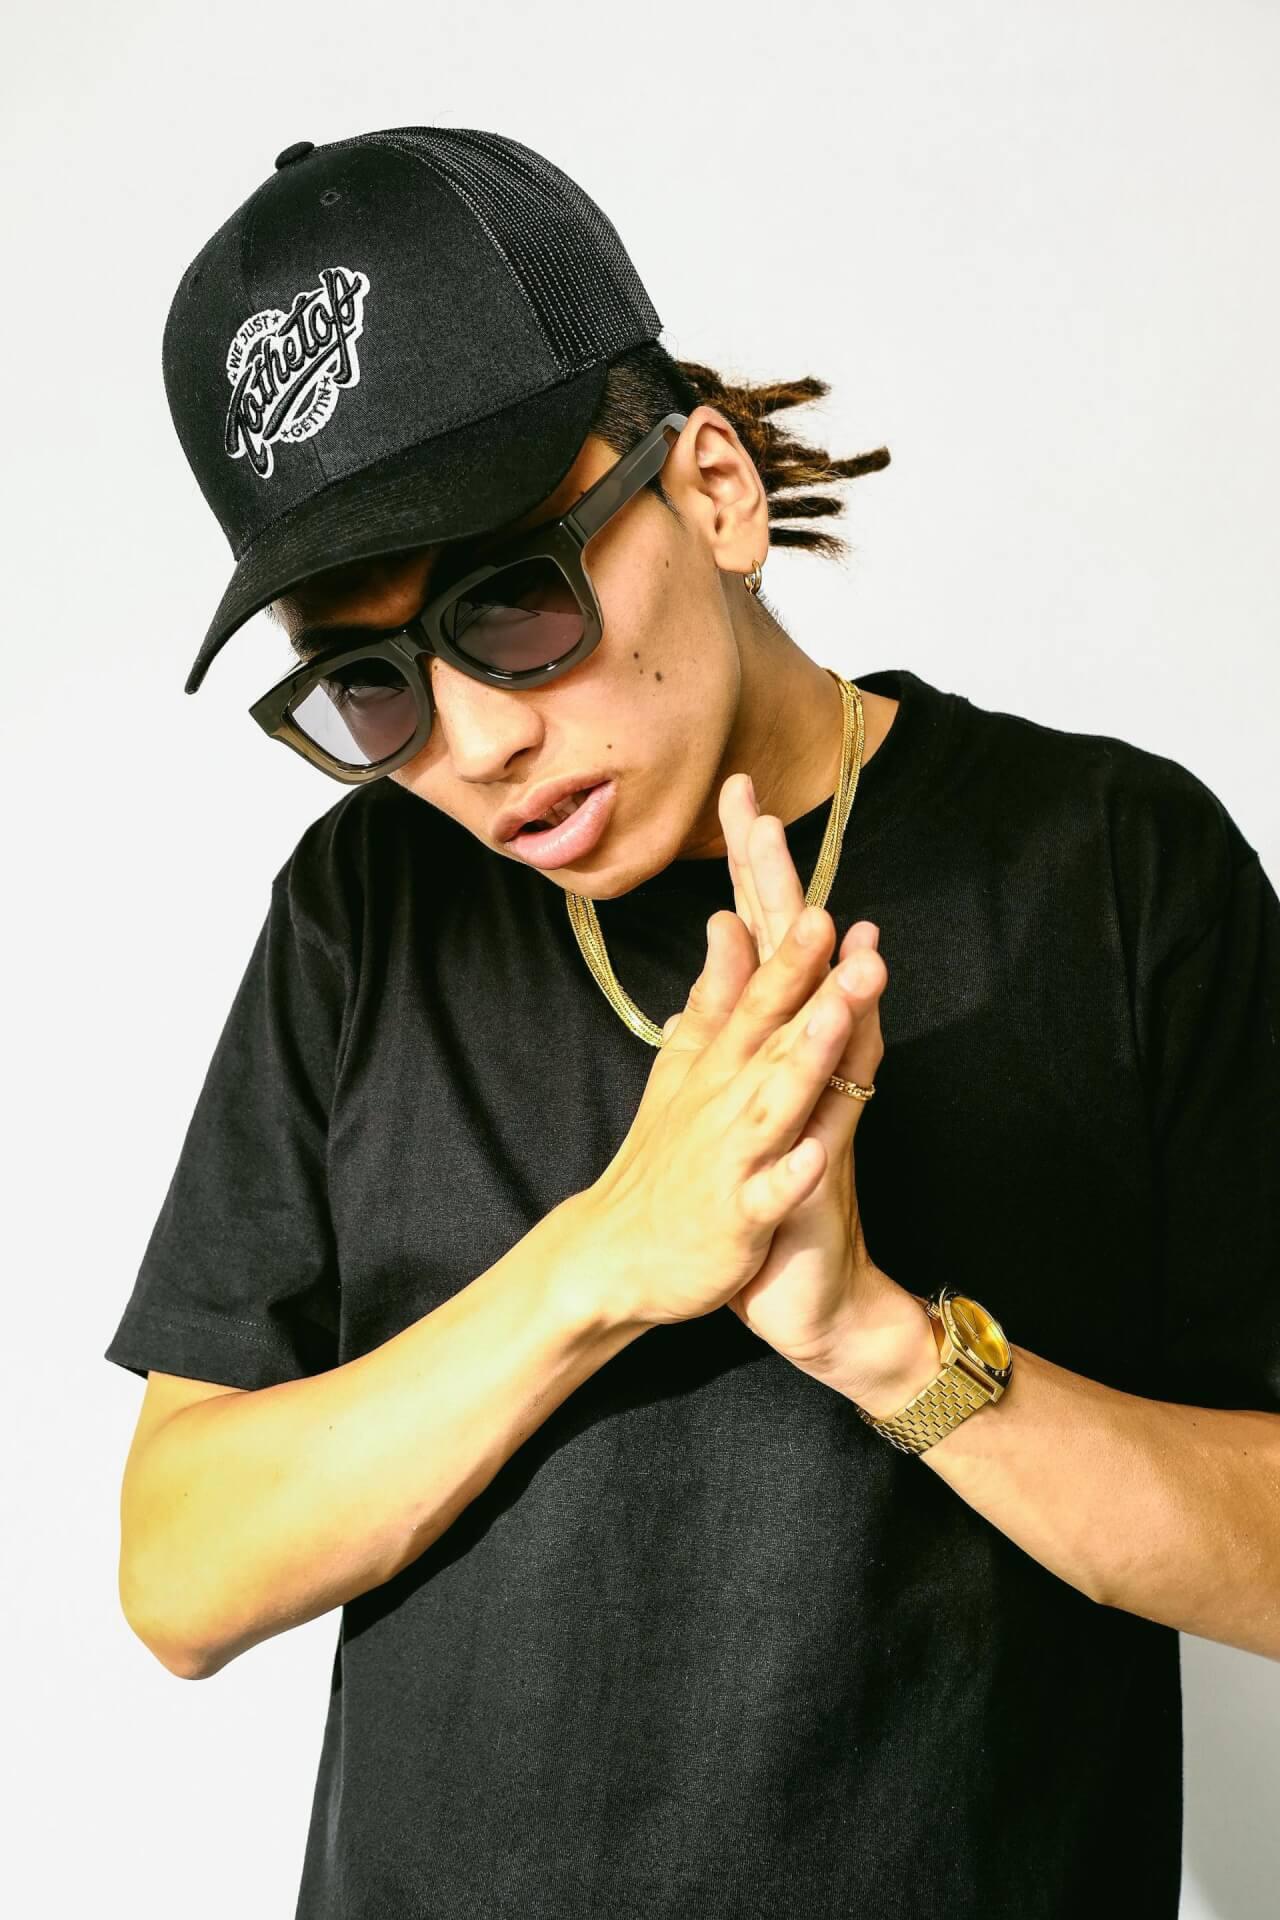 DJ RYOWと¥ellow Bucksのダブルネーム両A面シングル『GAMBLE | Need A Dr』が本日より配信リリース!同時にMVも公開 music2020109_djryow_yellowbucks_1